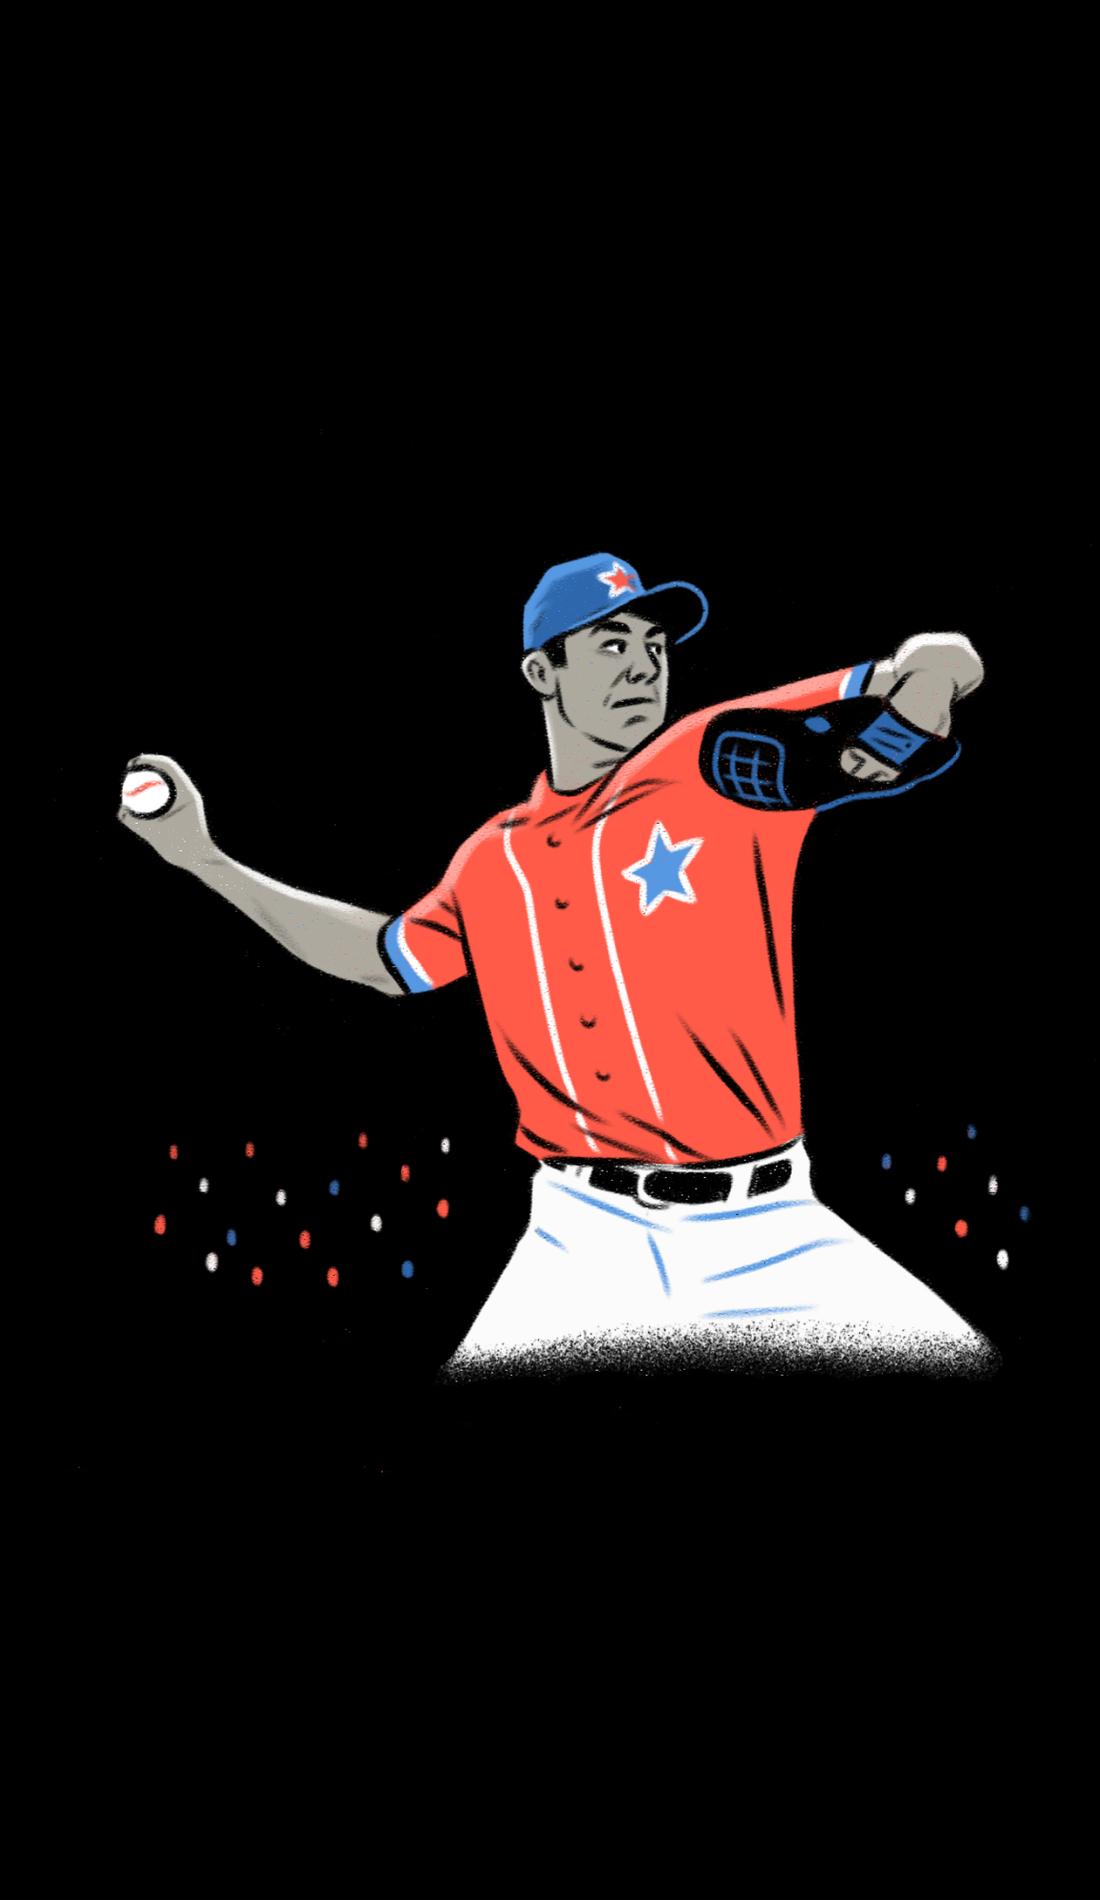 A Clemson Tigers Baseball live event